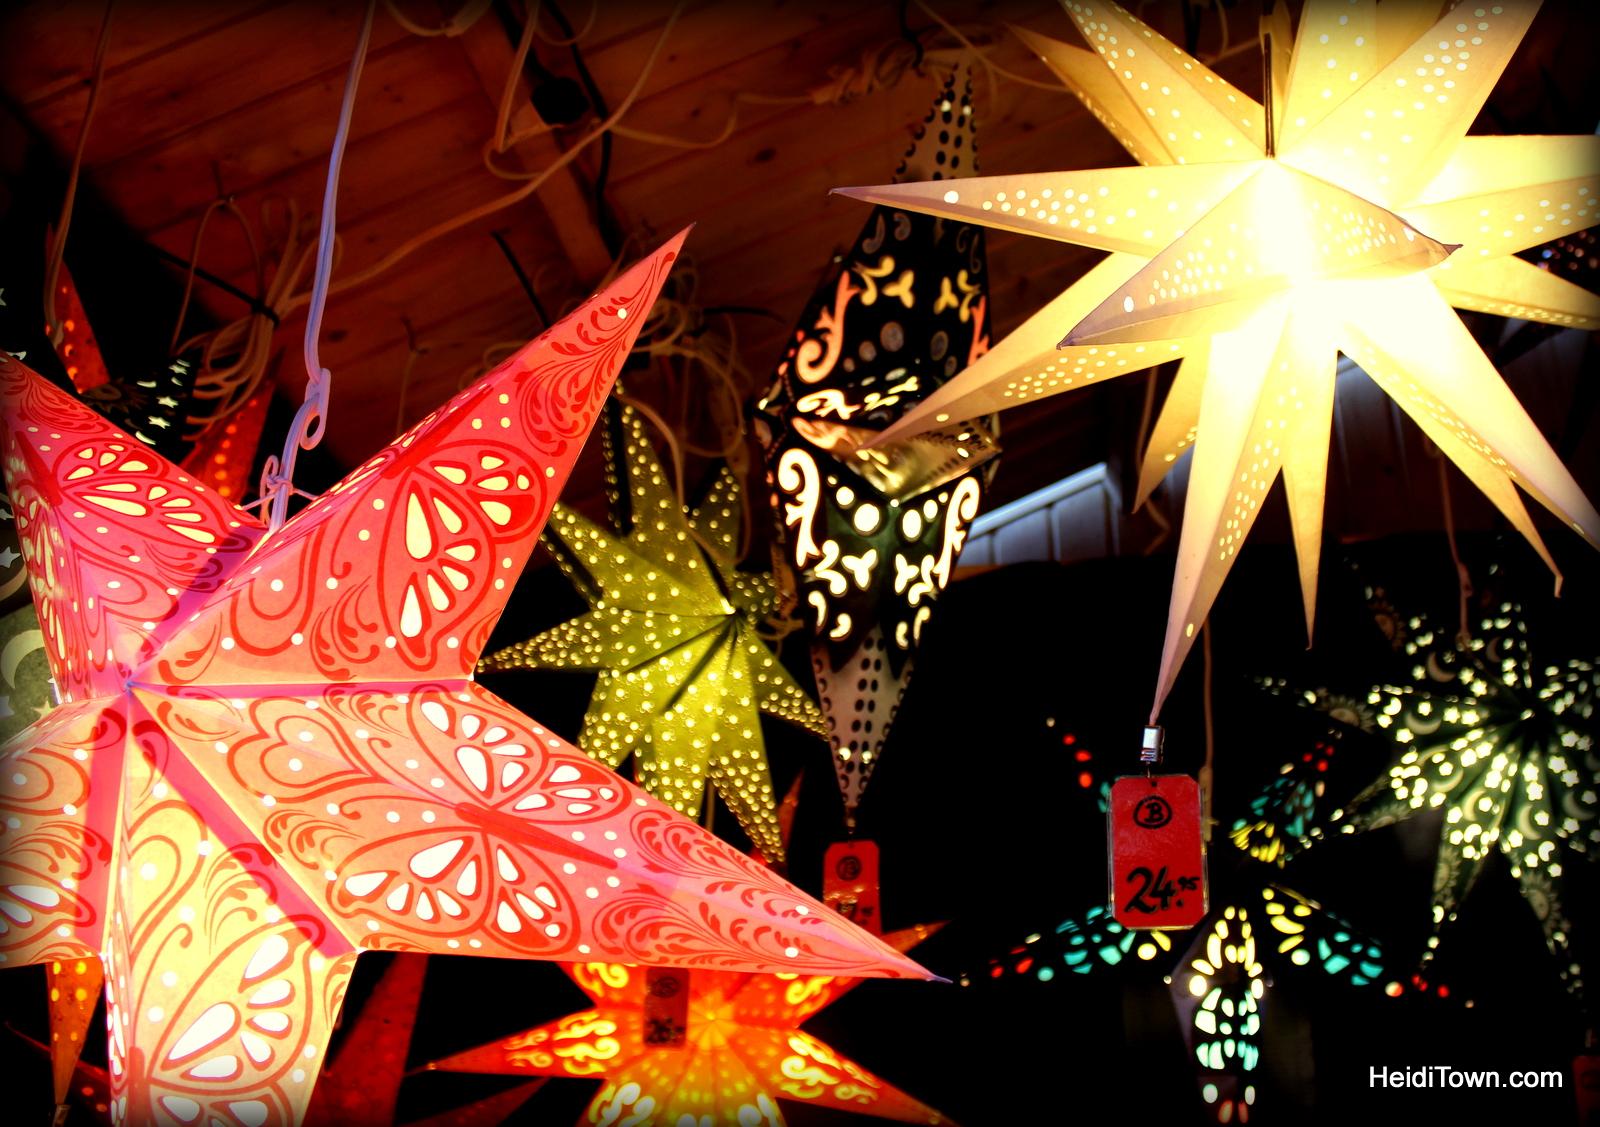 stars at Denver Christkindl Market 2014. HeidiTown.com